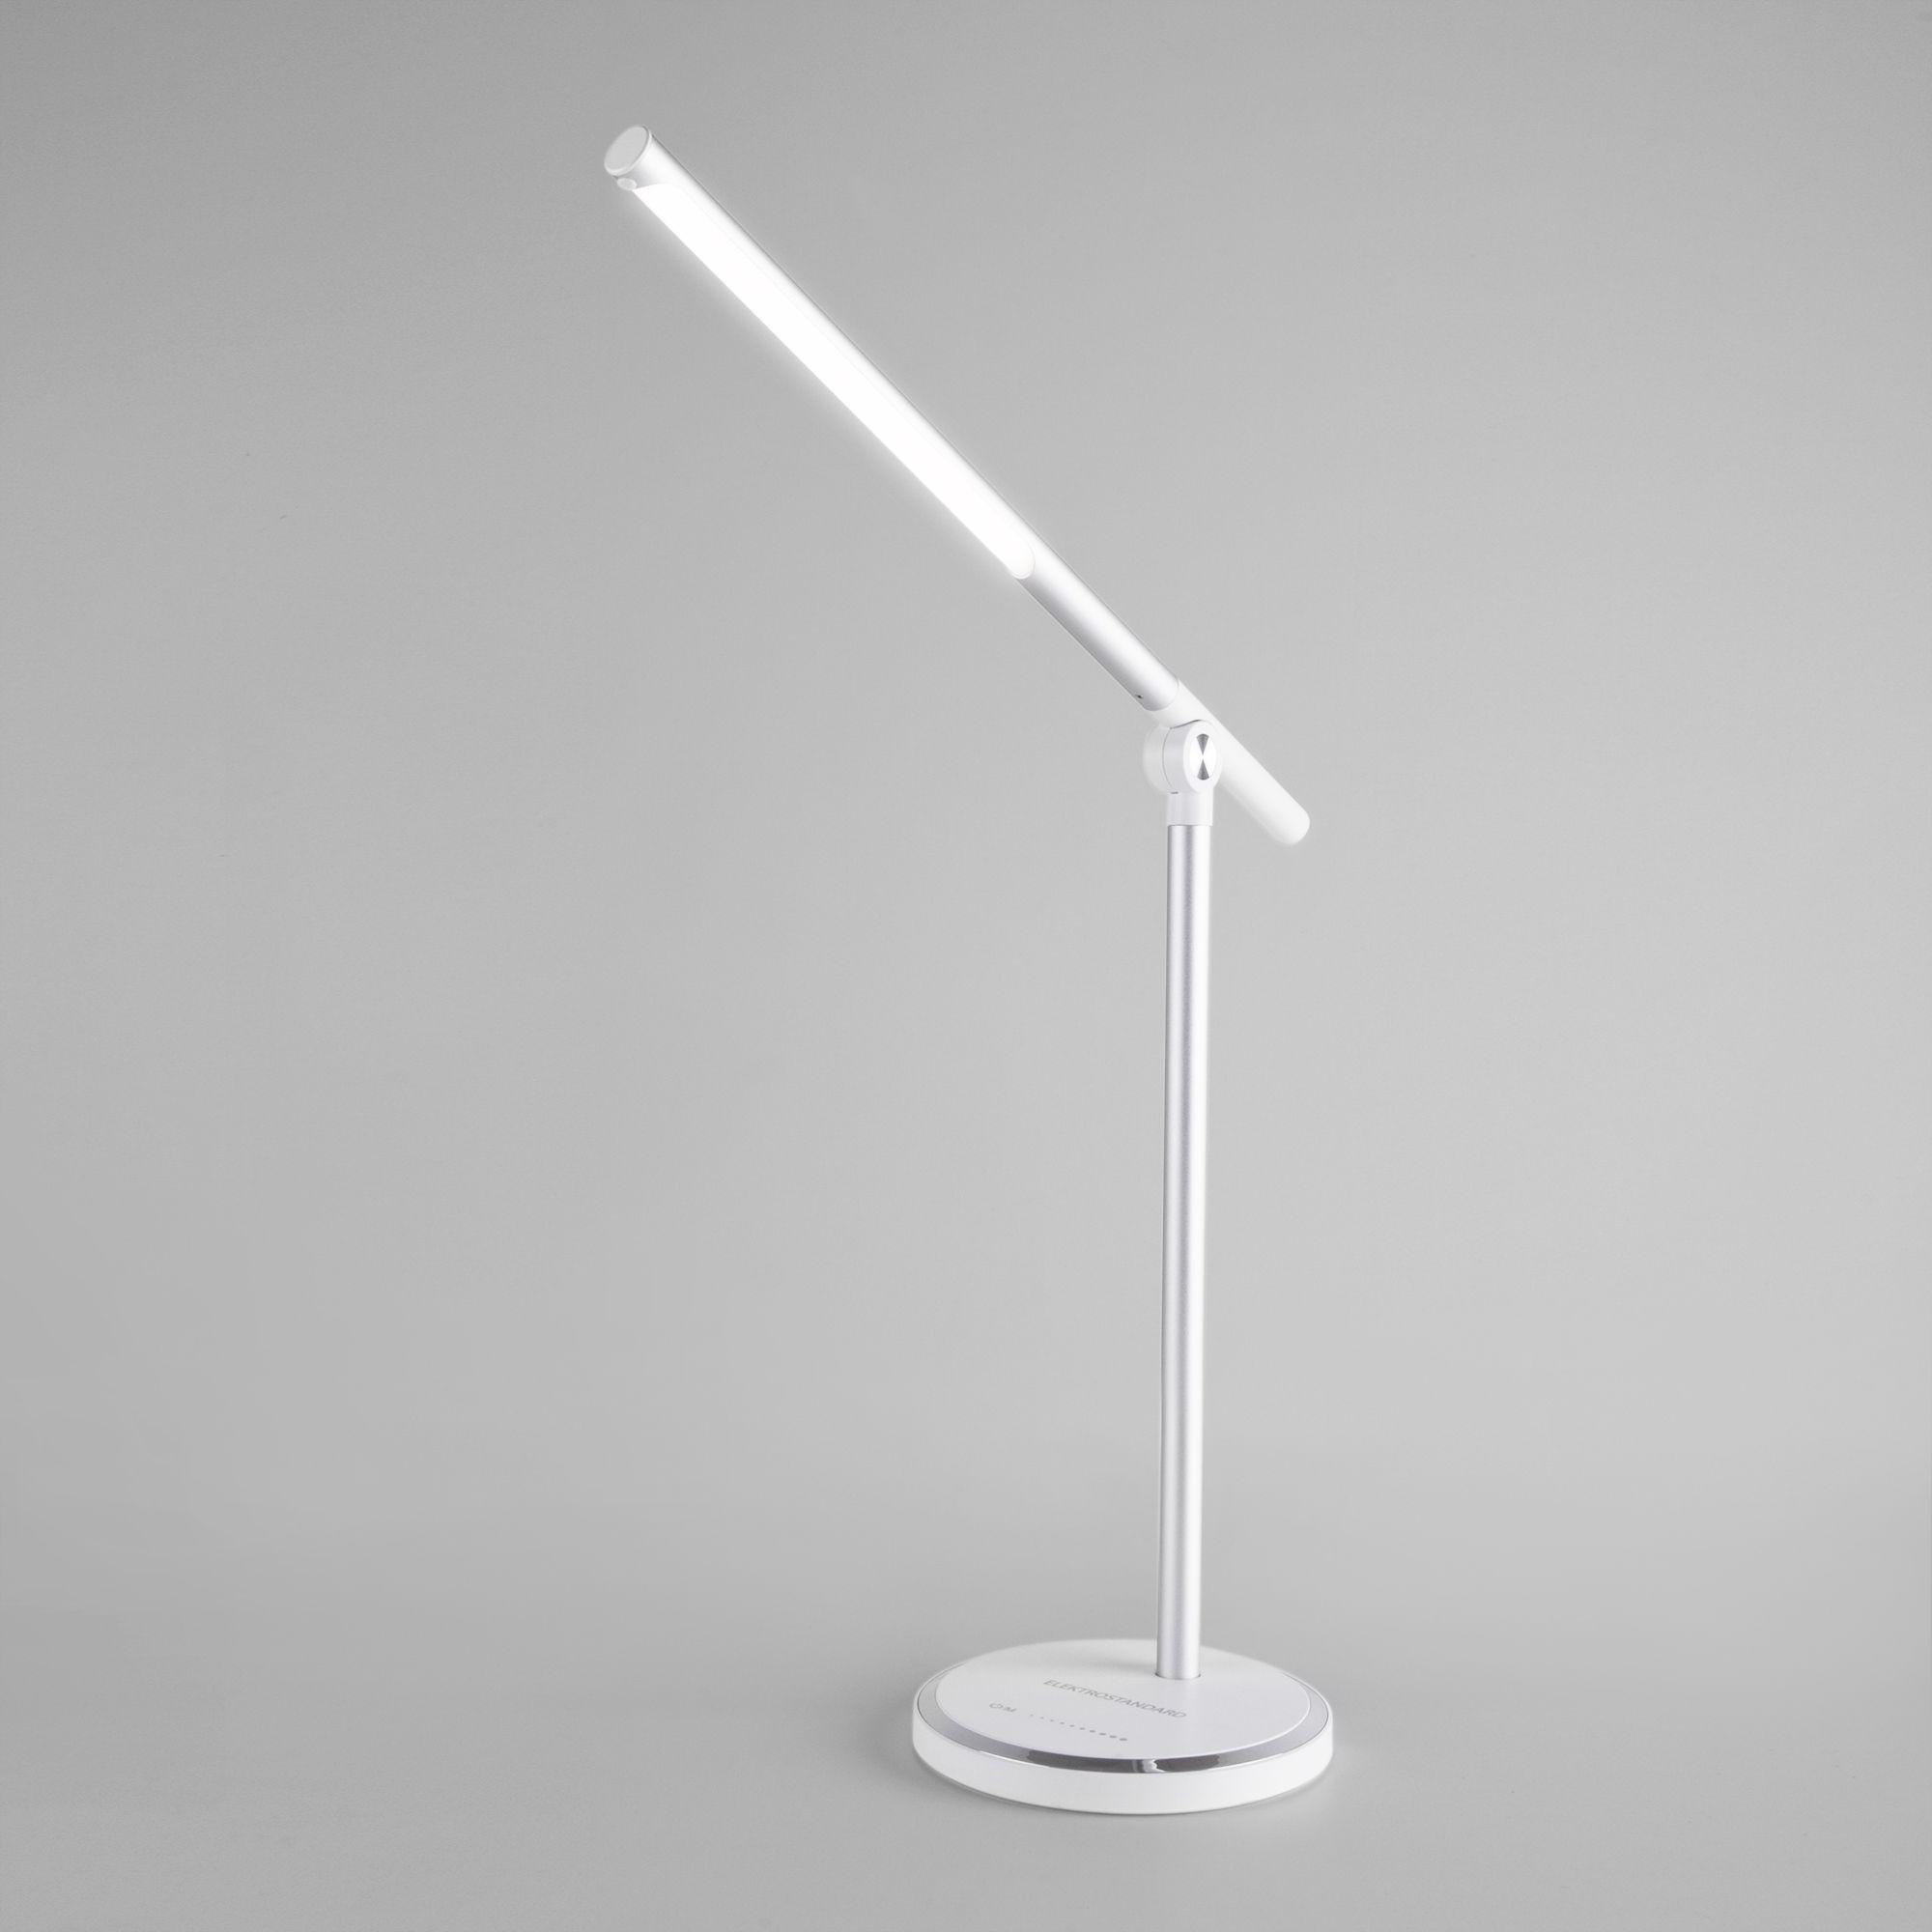 Настольная светодиодная лампа Vara серебро Vara серебро (TL70990)